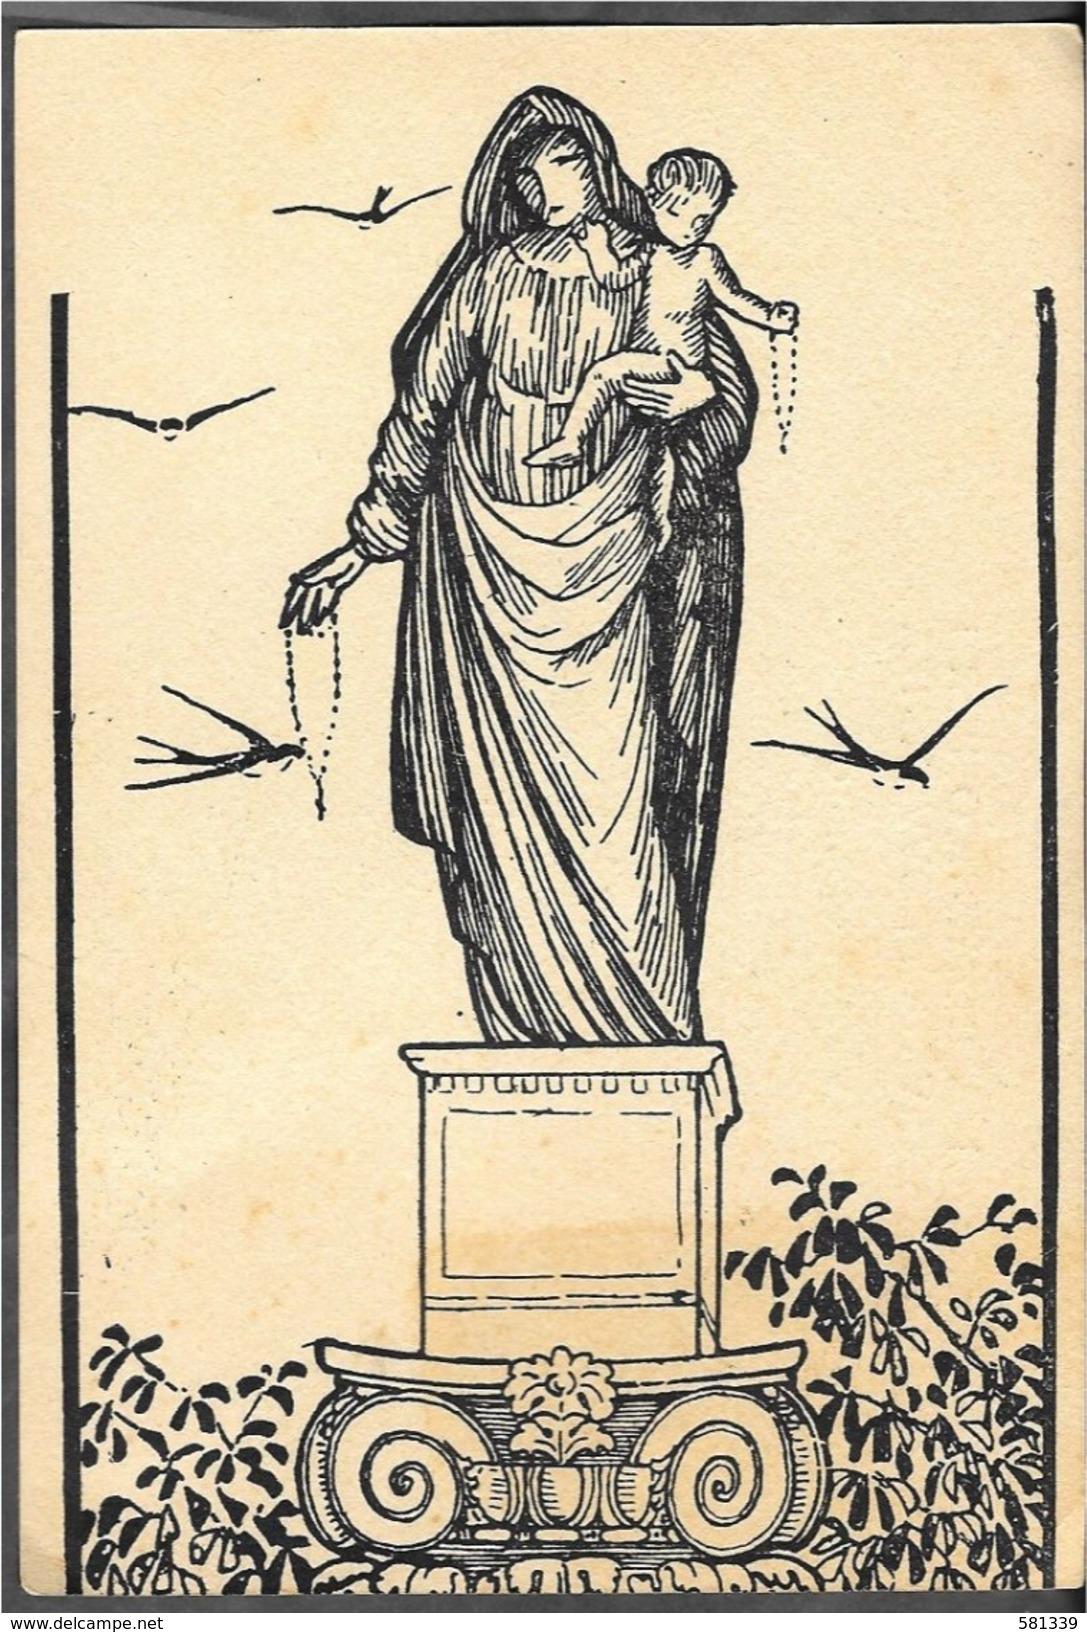 """CARTOLINA """"OPERA S.DOMENICO PER FIGLI DIVINA PROVVIDENZA BOLOGNA""""  Scritta 1949 - Vergine Maria E Madonne"""